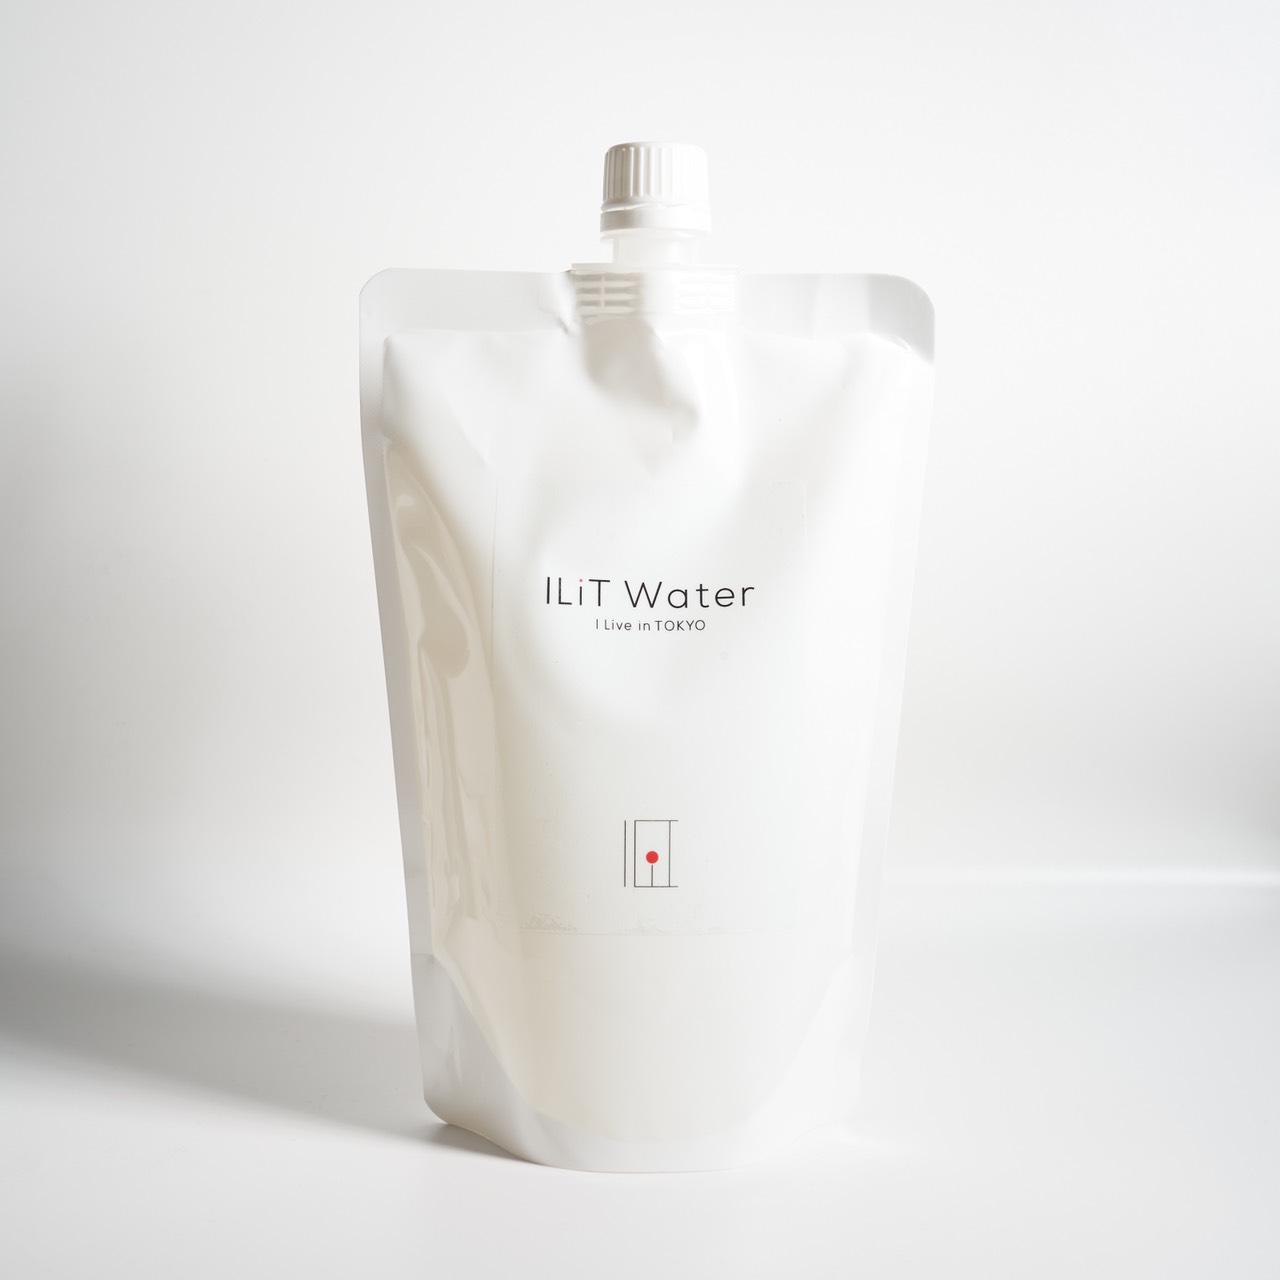 ILiT Water 詰め替えパック